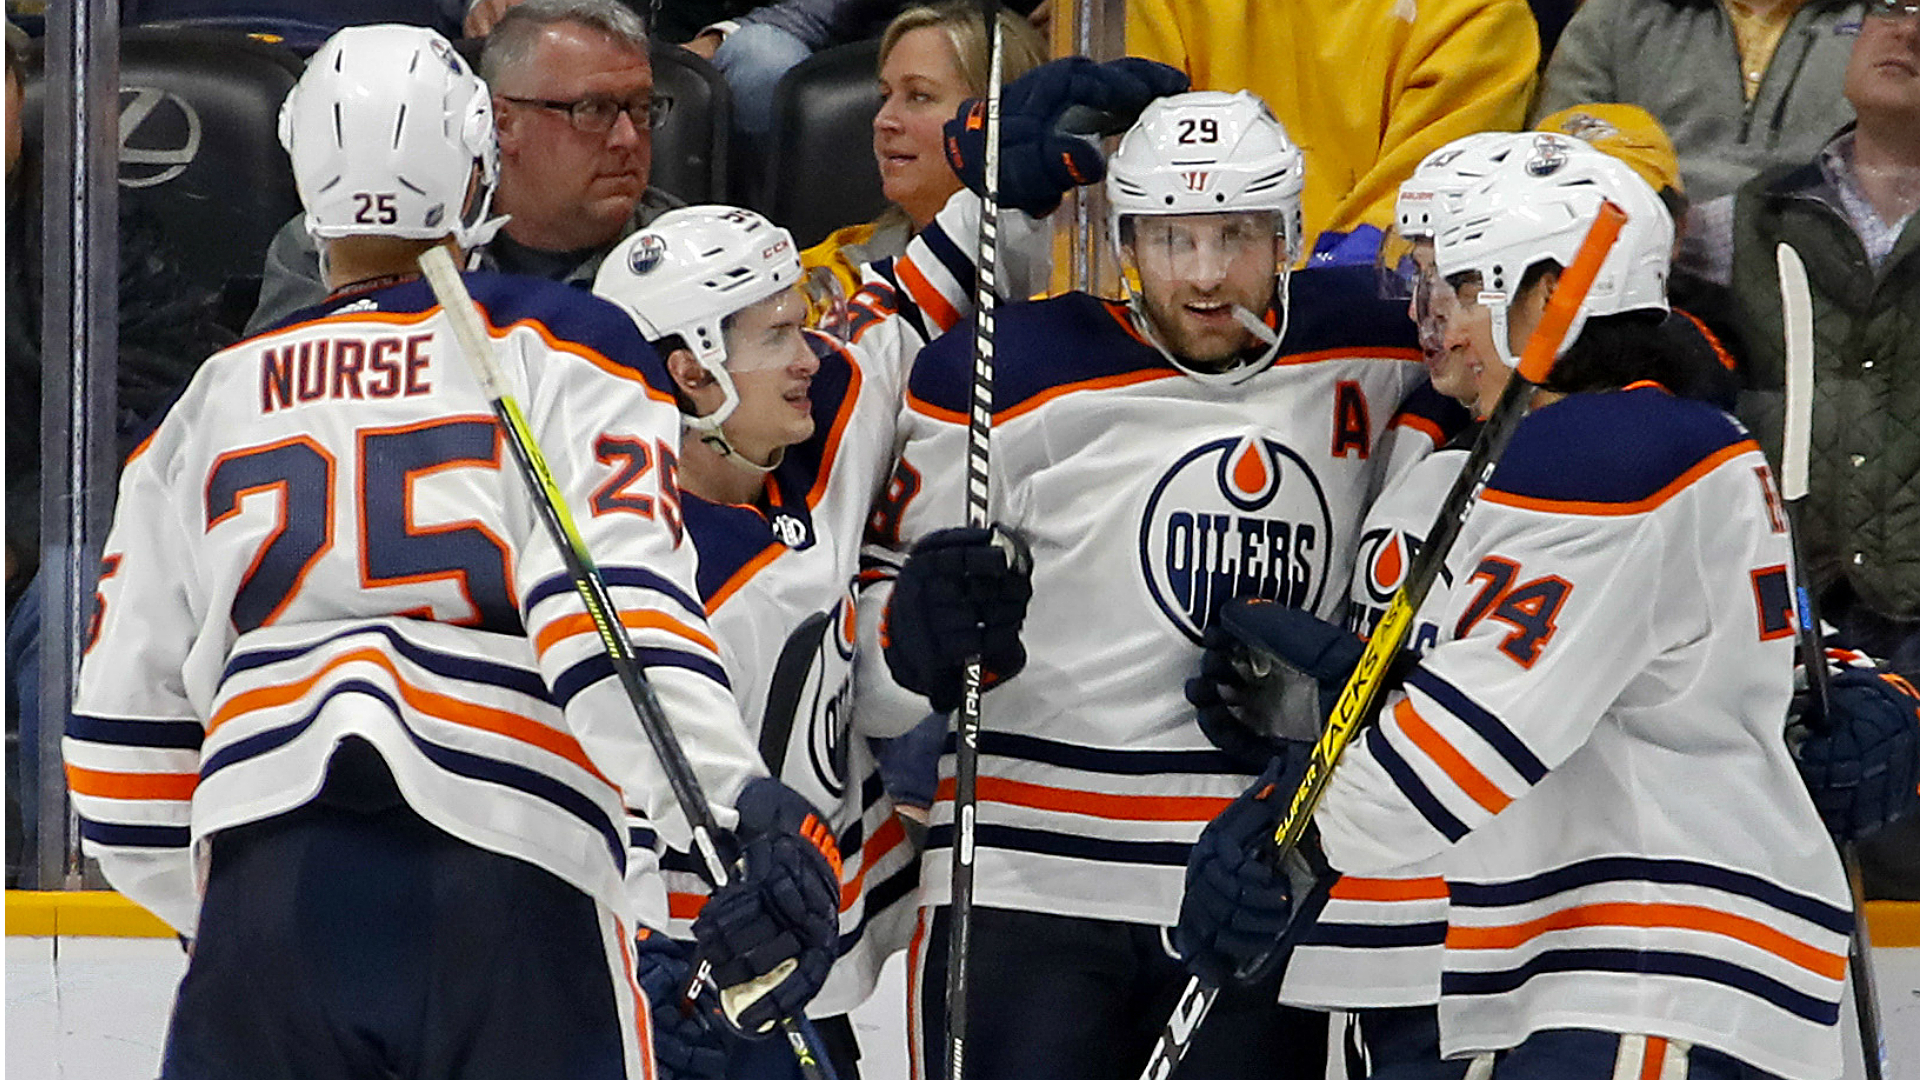 """Dave Tippett de Oilers: """"Creo que podemos ponernos en marcha bastante rápido"""" 57"""